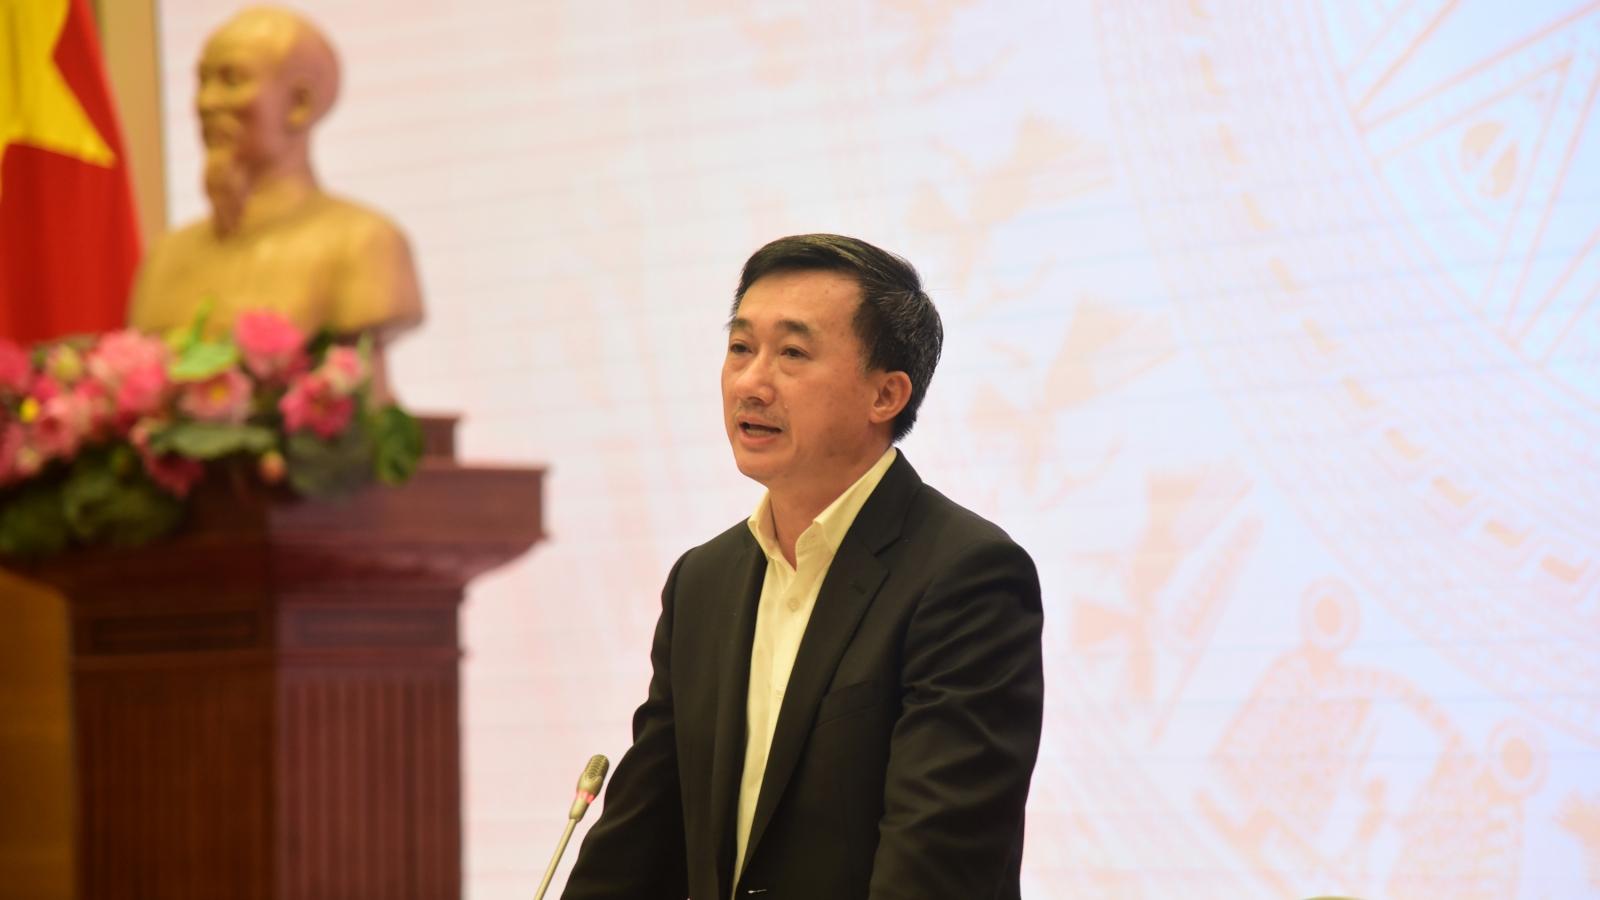 Đối tượng nào tại Việt Nam sẽ được tiêm vaccine COVID-19 đầu tiên?